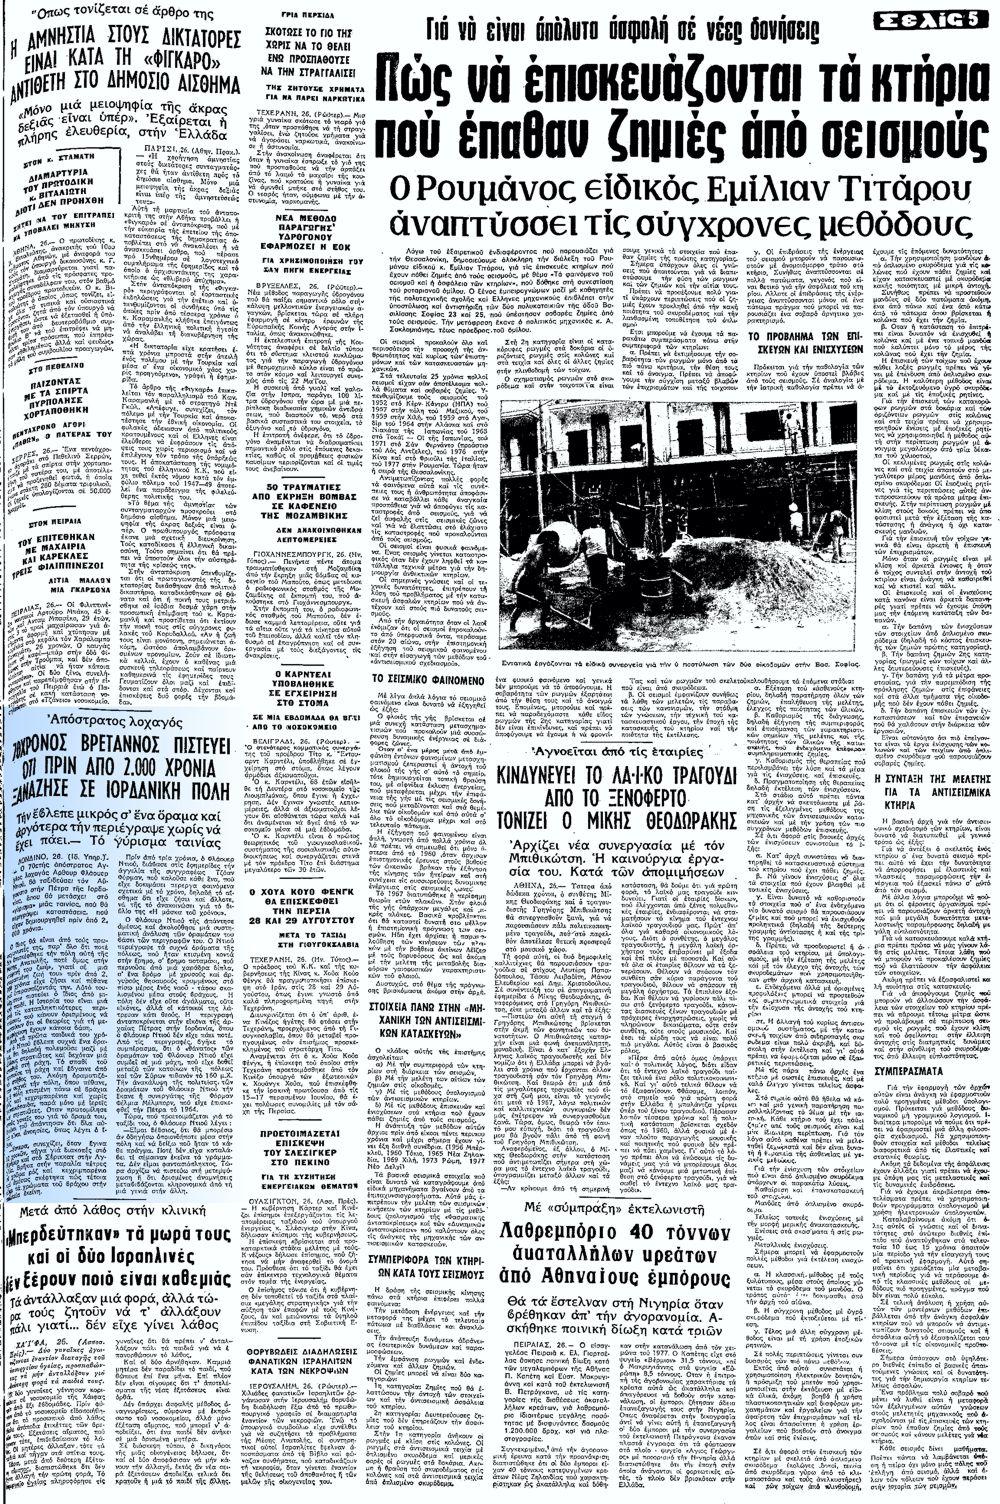 """Το άρθρο, όπως δημοσιεύθηκε στην εφημερίδα """"ΜΑΚΕΔΟΝΙΑ"""", στις 27/07/1978"""